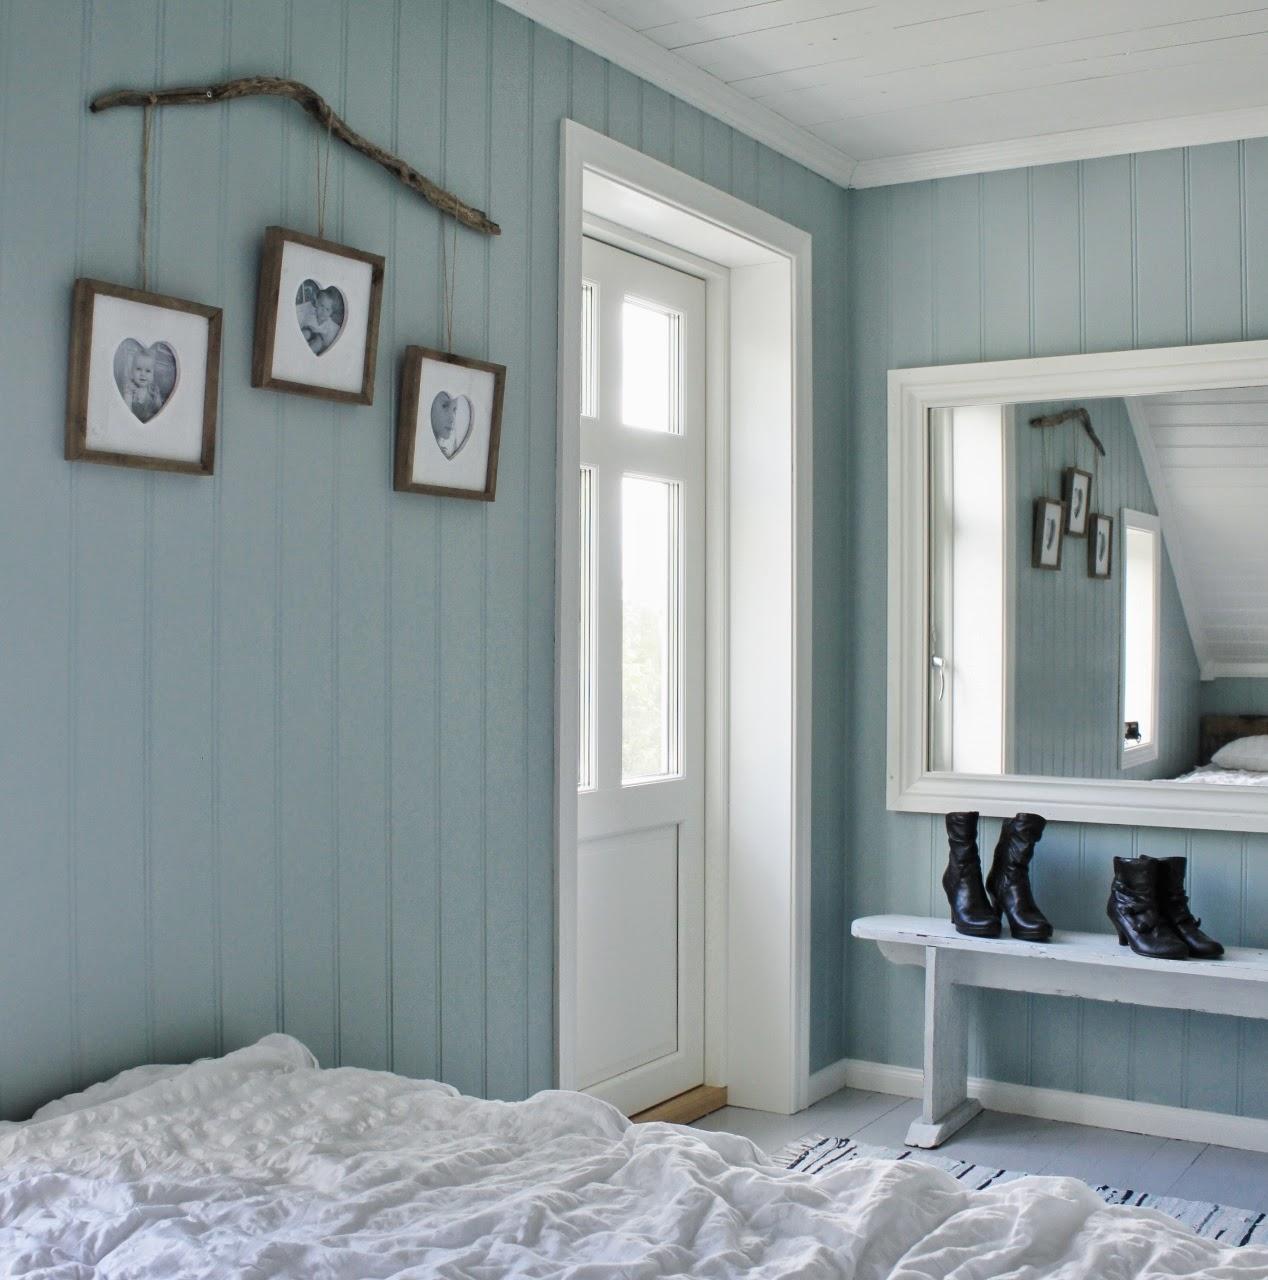 Mias Interi?r / New Room Interior / Interi?rkonsulent Maria Rasmussen: Soverommet..